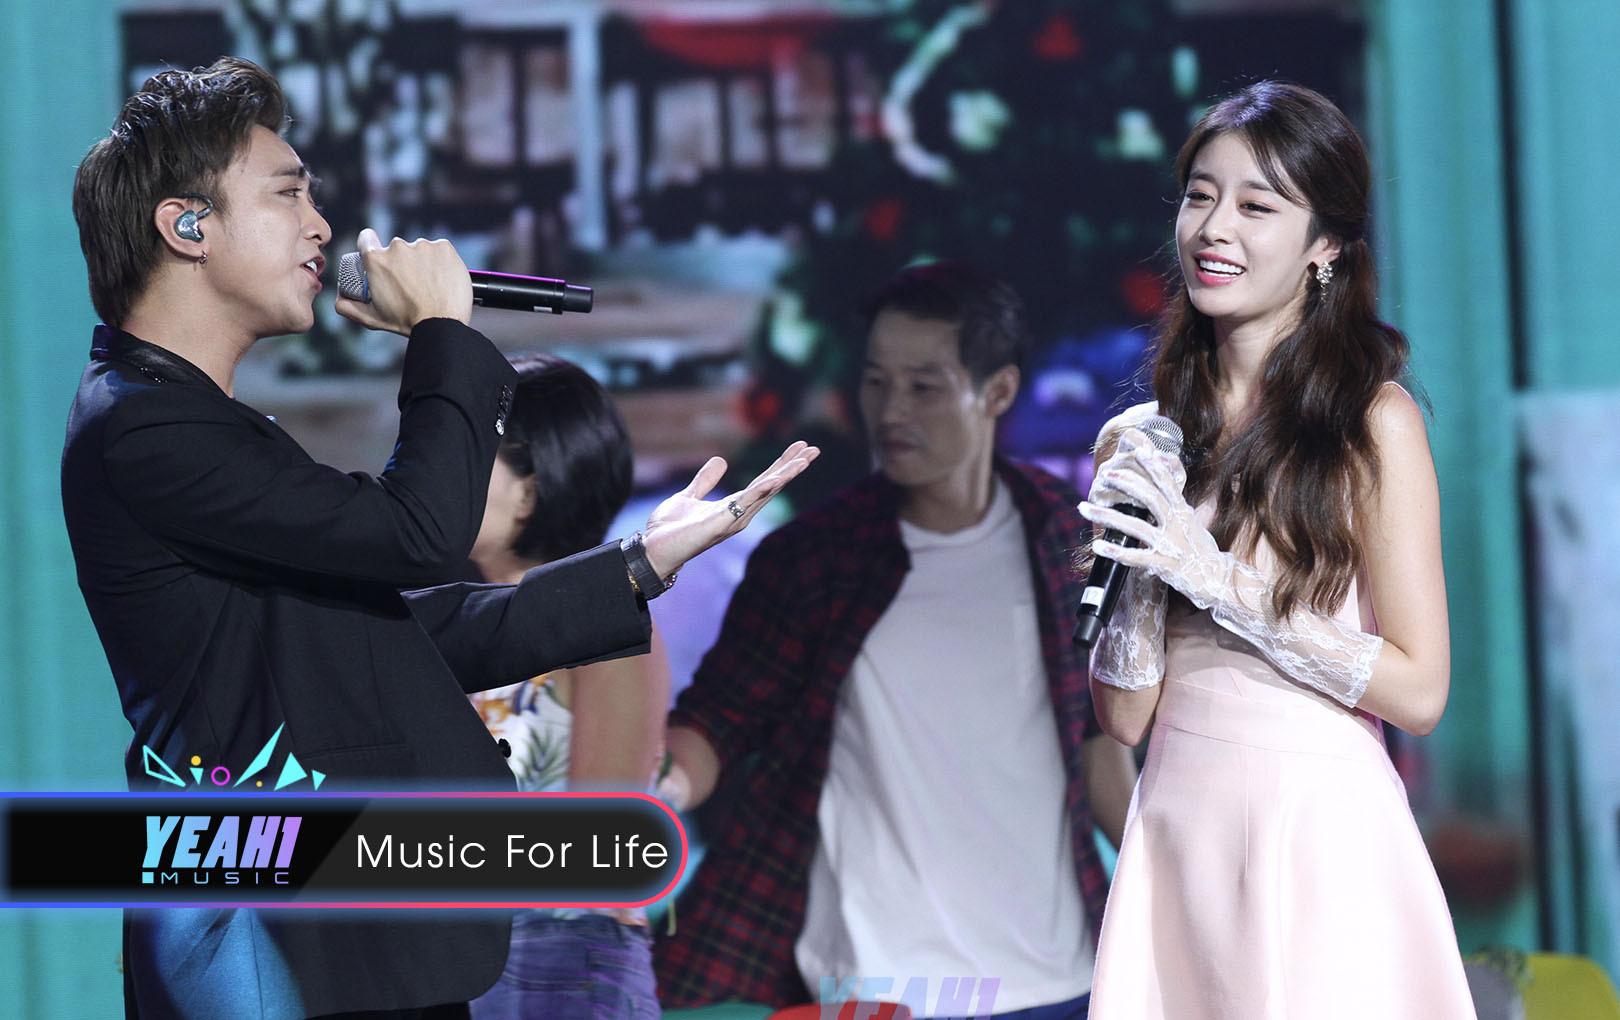 """Chờ đợi đã lâu, cuối cùng Jiyeon cũng đã chịu hát tiếng Việt """"Đẹp nhất là em"""" cùng Soobin Hoàng Sơn"""